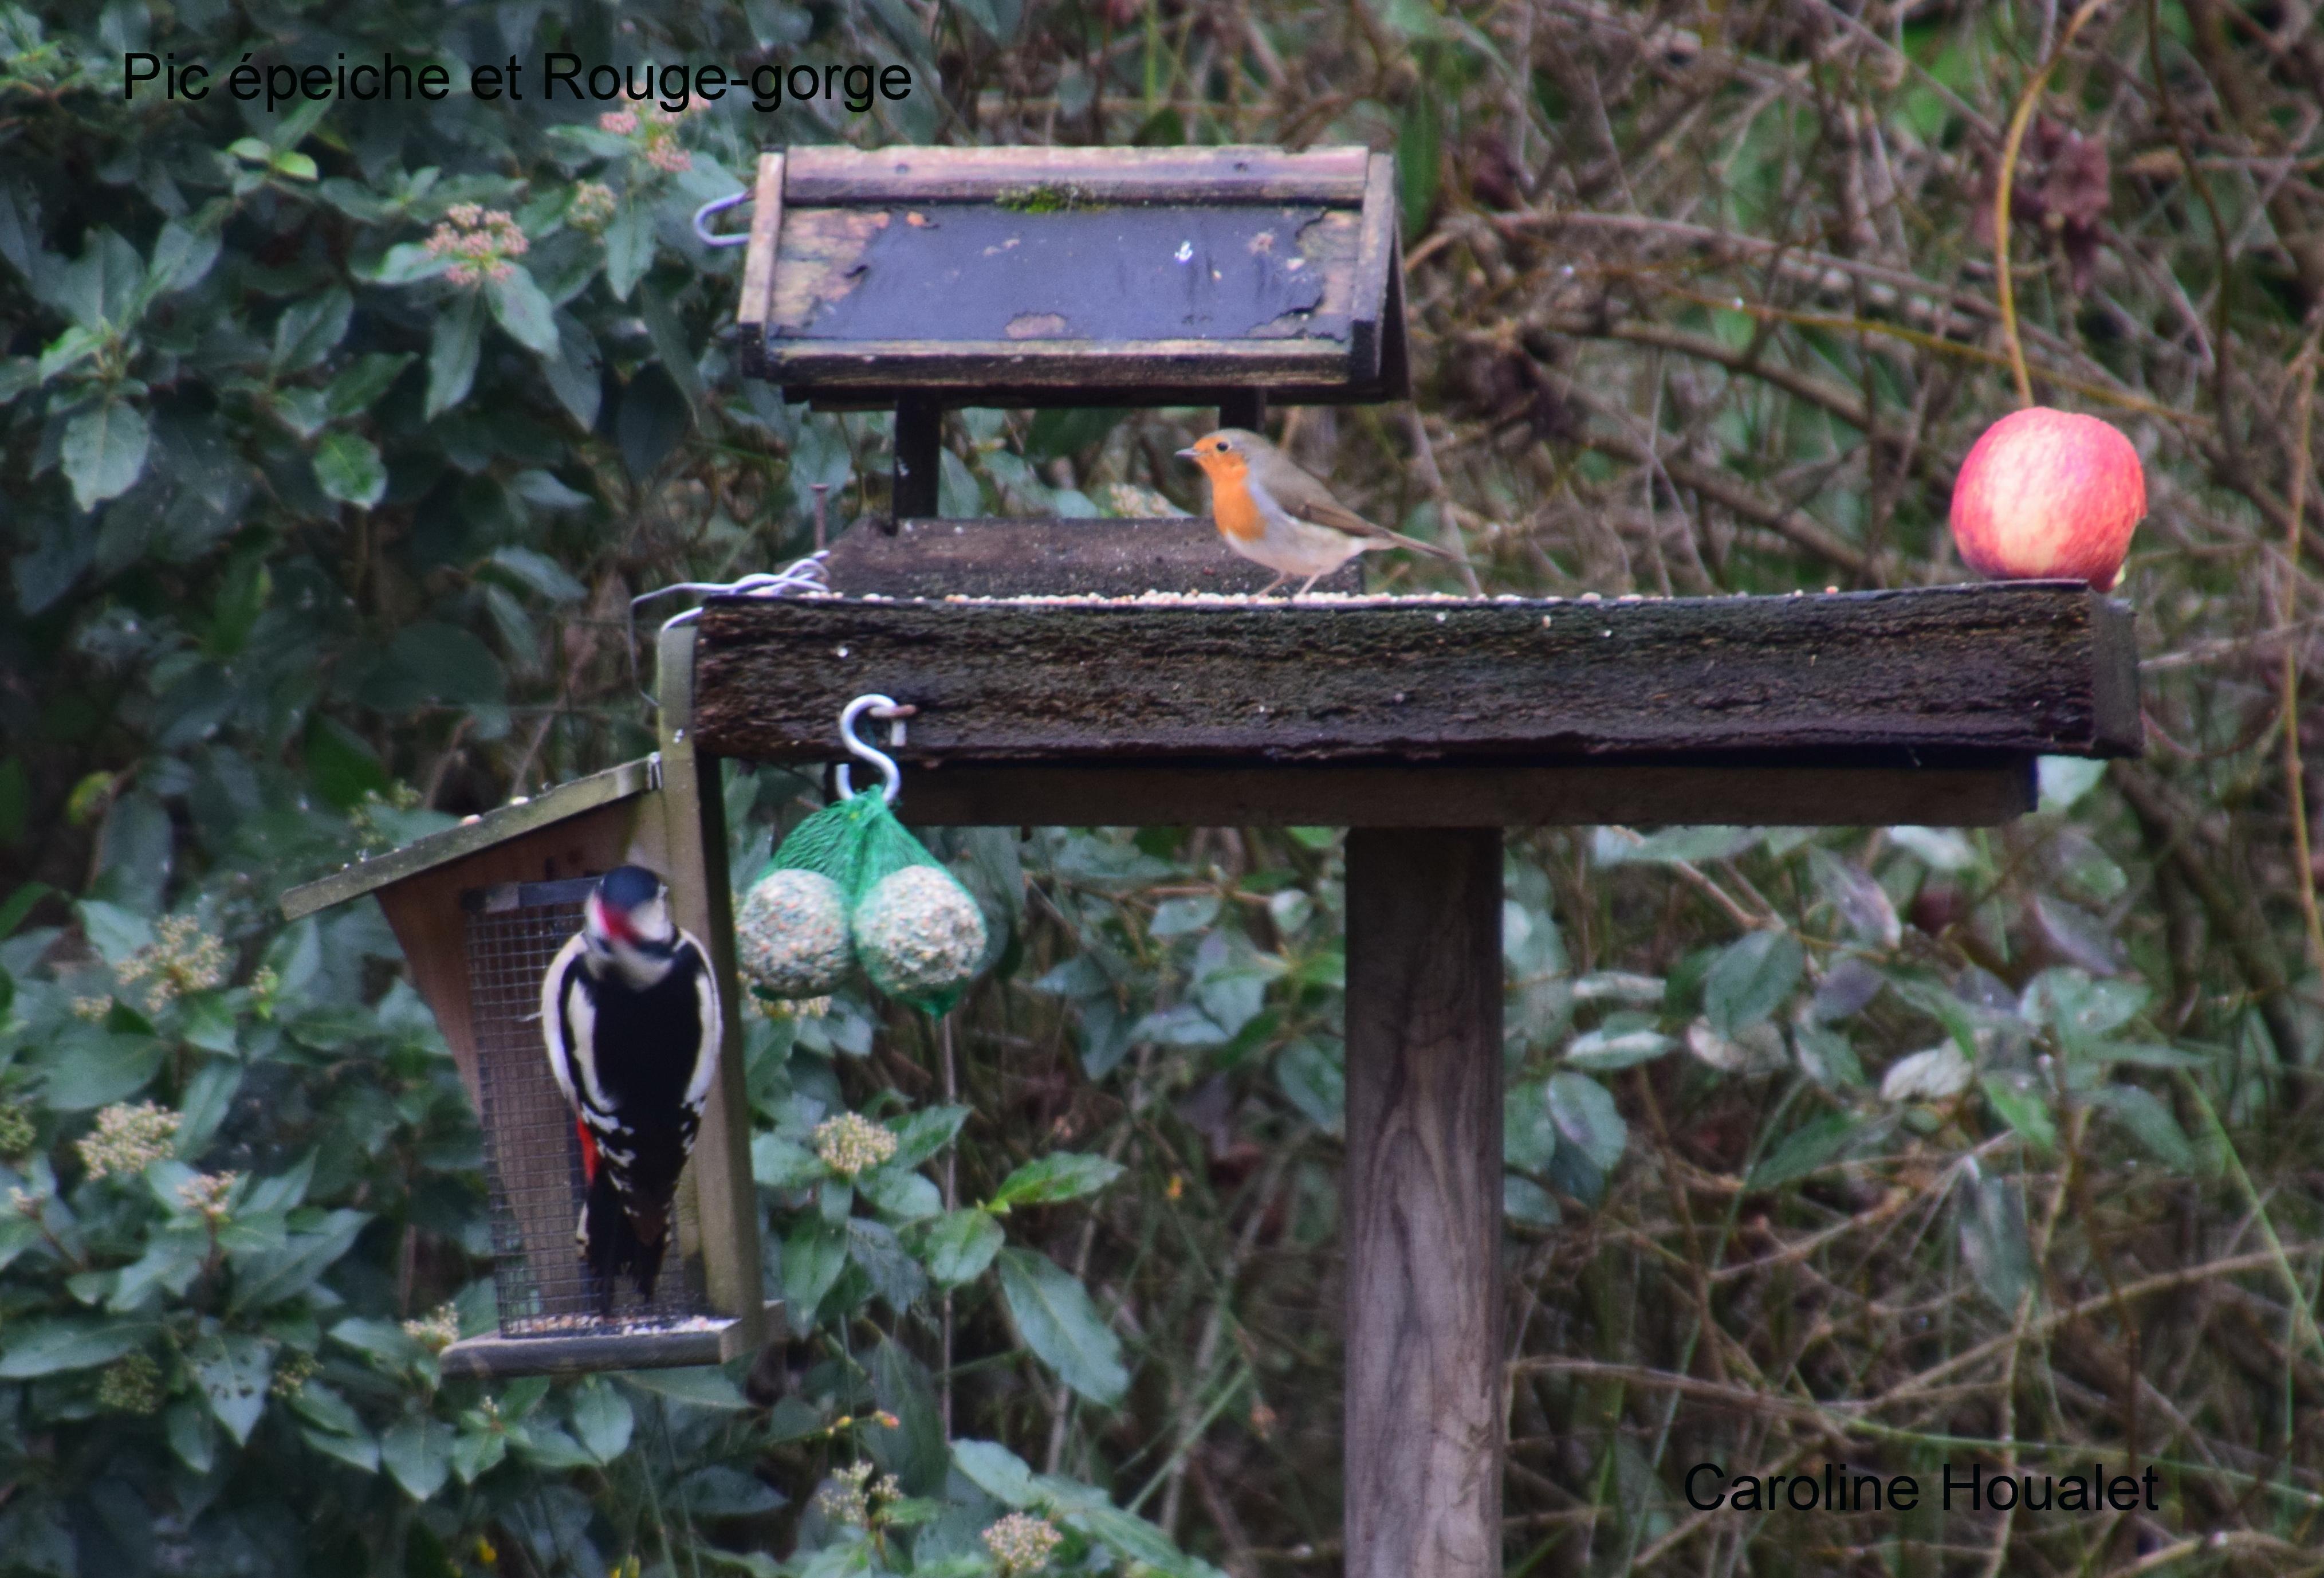 oiseaux de la mangeoire - pic épeiche et rouge gorge ©Caroline HOUALET.JPG